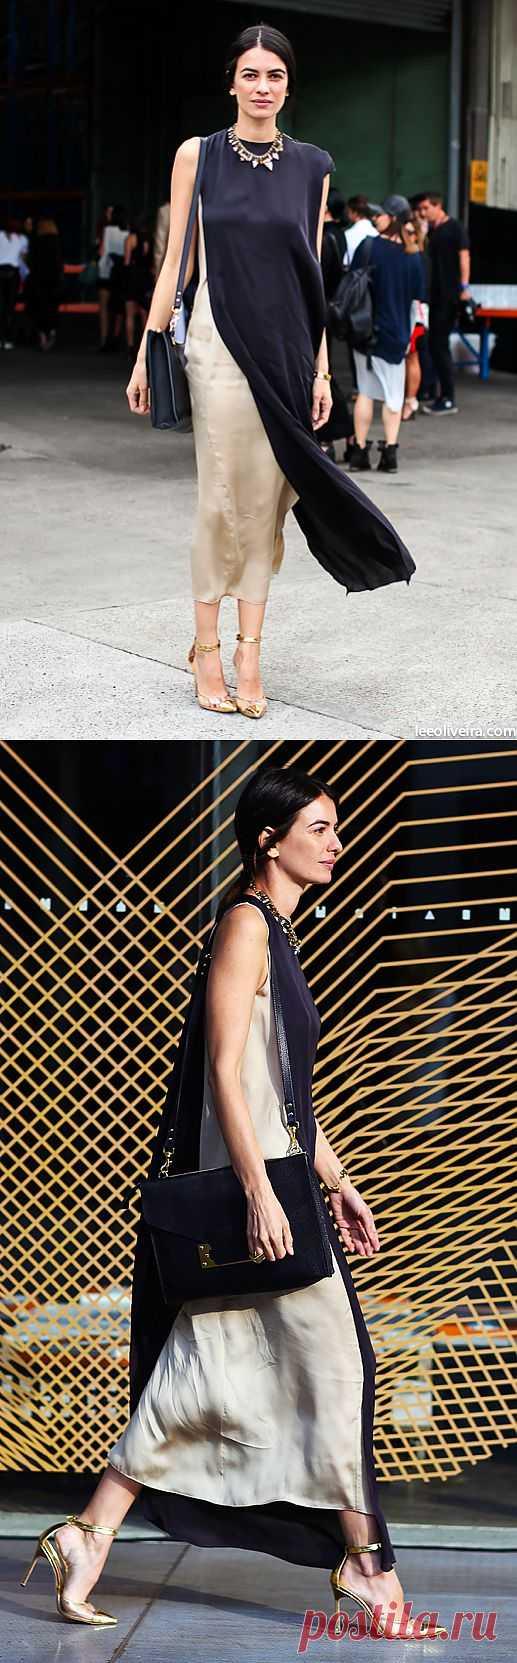 Двухслойное платье / Street Style / Модный сайт о стильной переделке одежды и интерьера